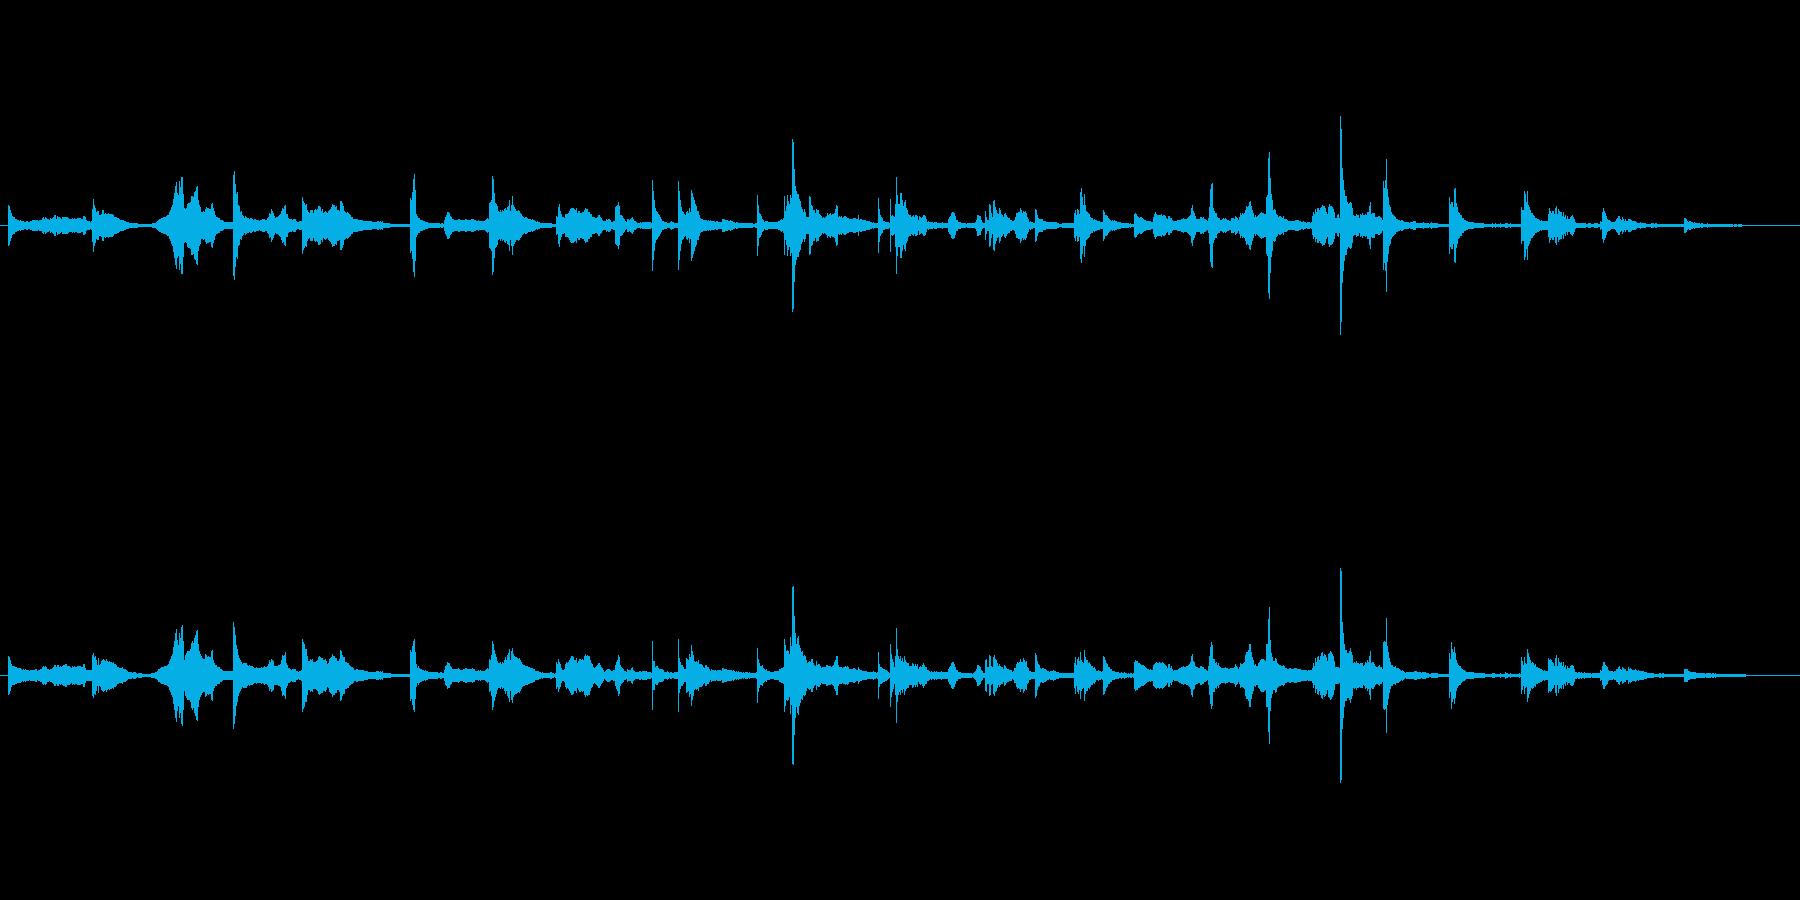 蝉丸もののけと語るの再生済みの波形